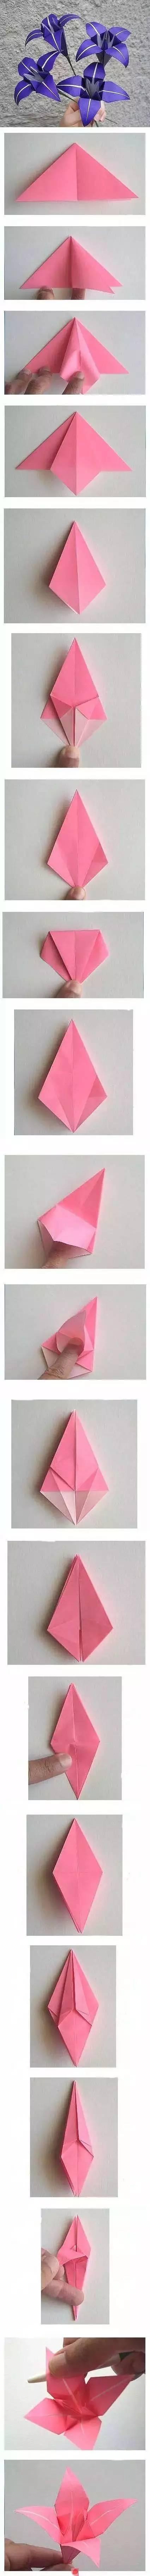 3款幼儿园母亲节手工折纸花教程!图片